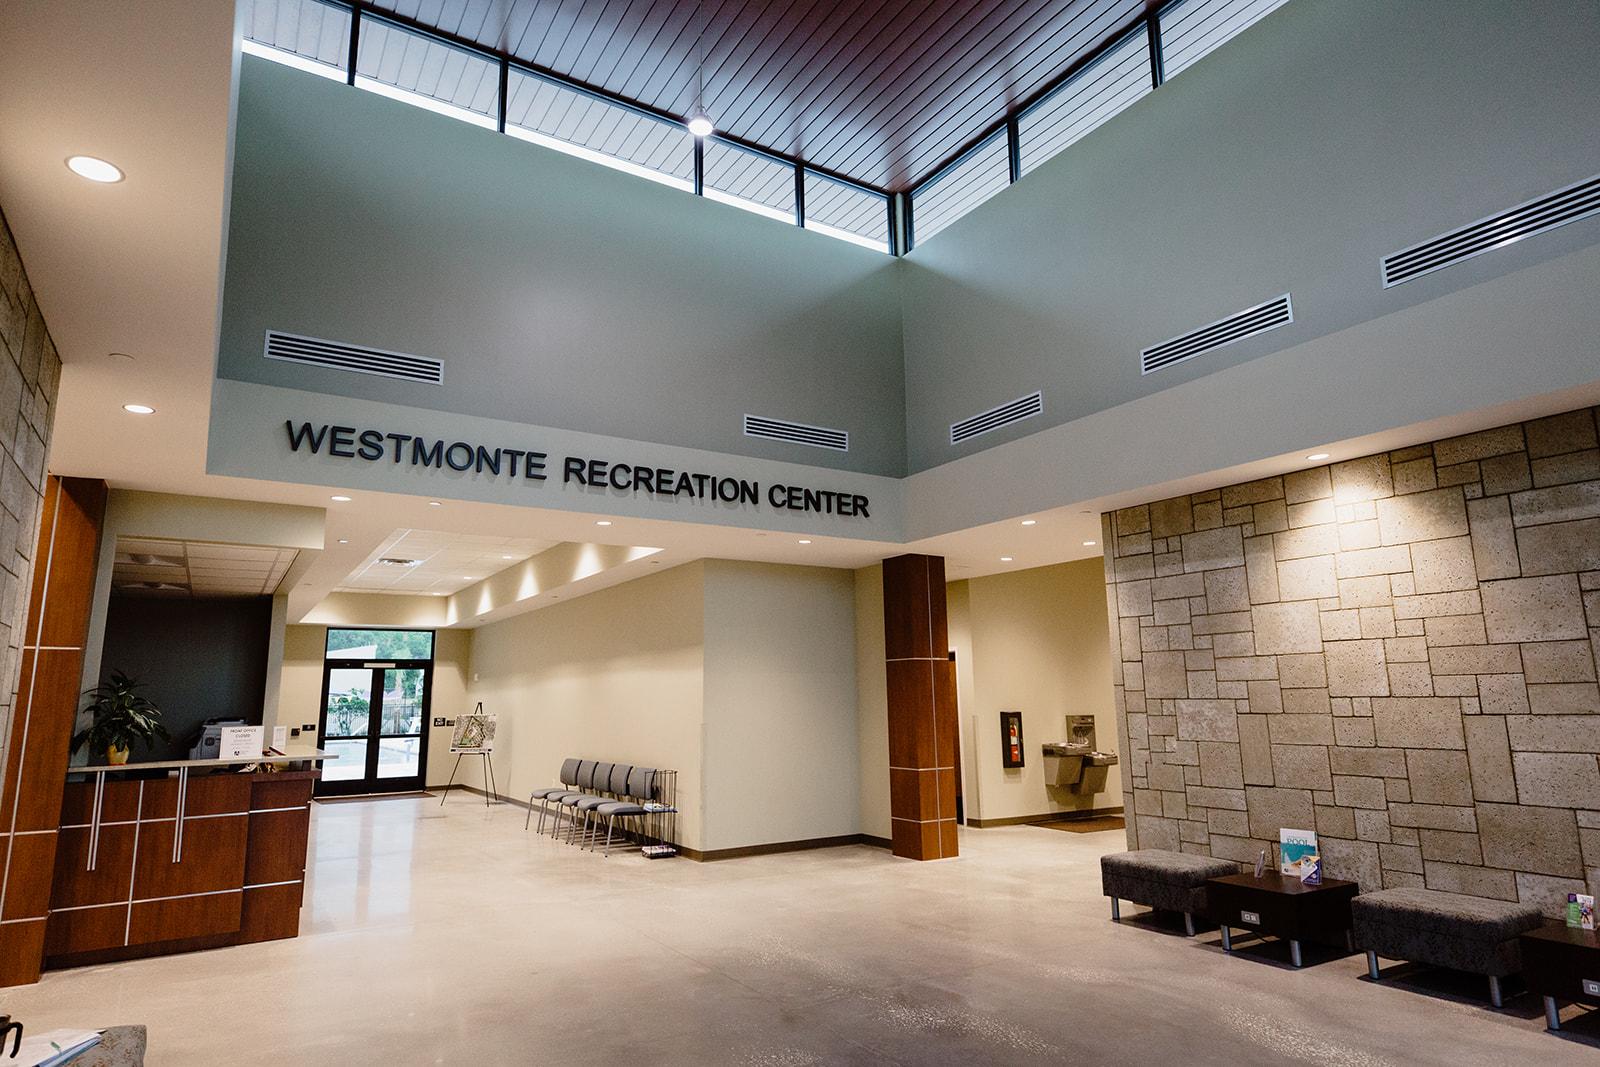 Westmonte Recreation Center